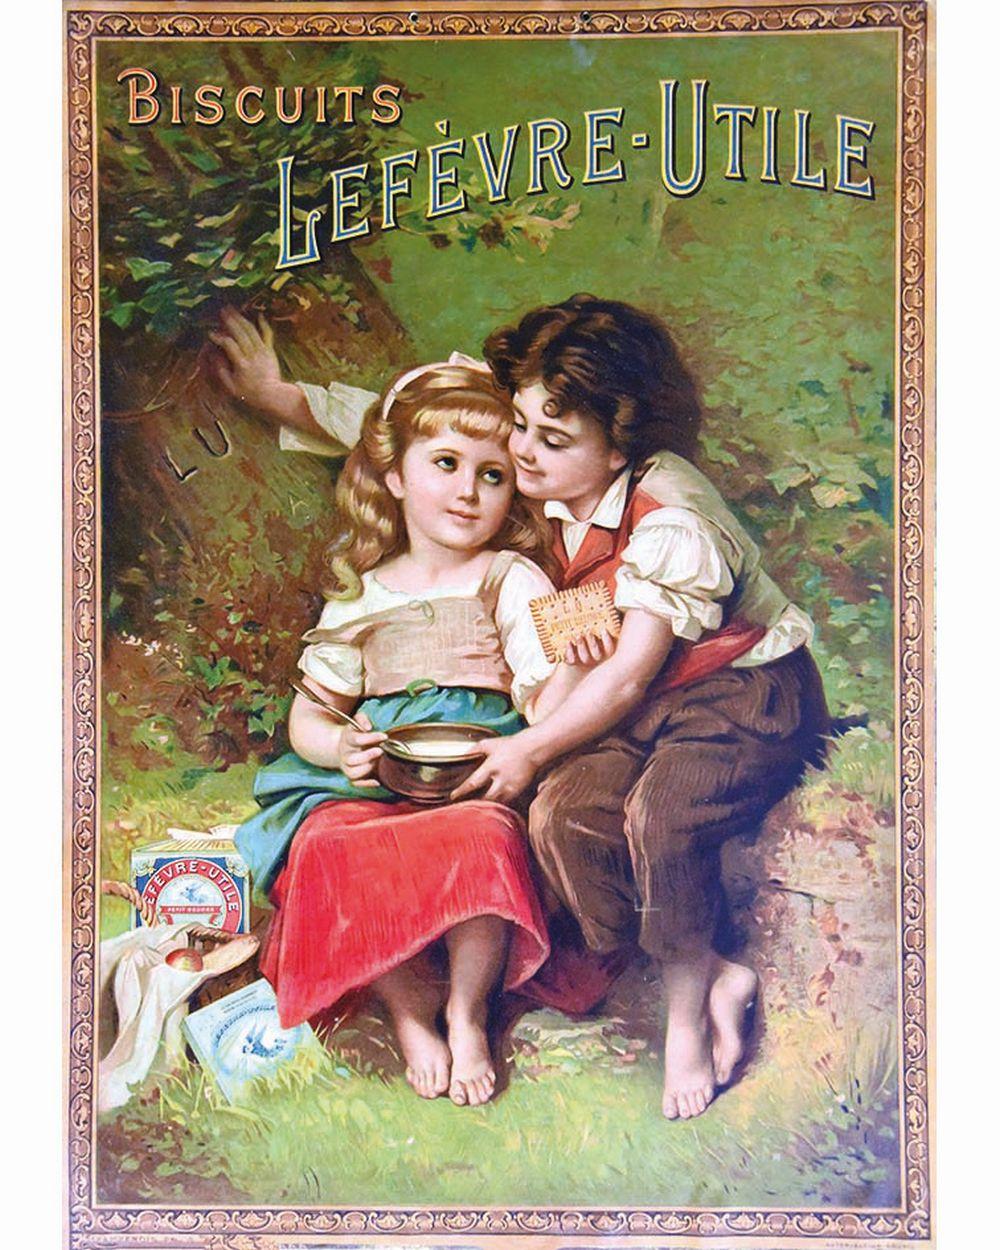 Biscuits Lefèvre Utile petit beurre     vers 1900  Nantes (Loire Atlantique)